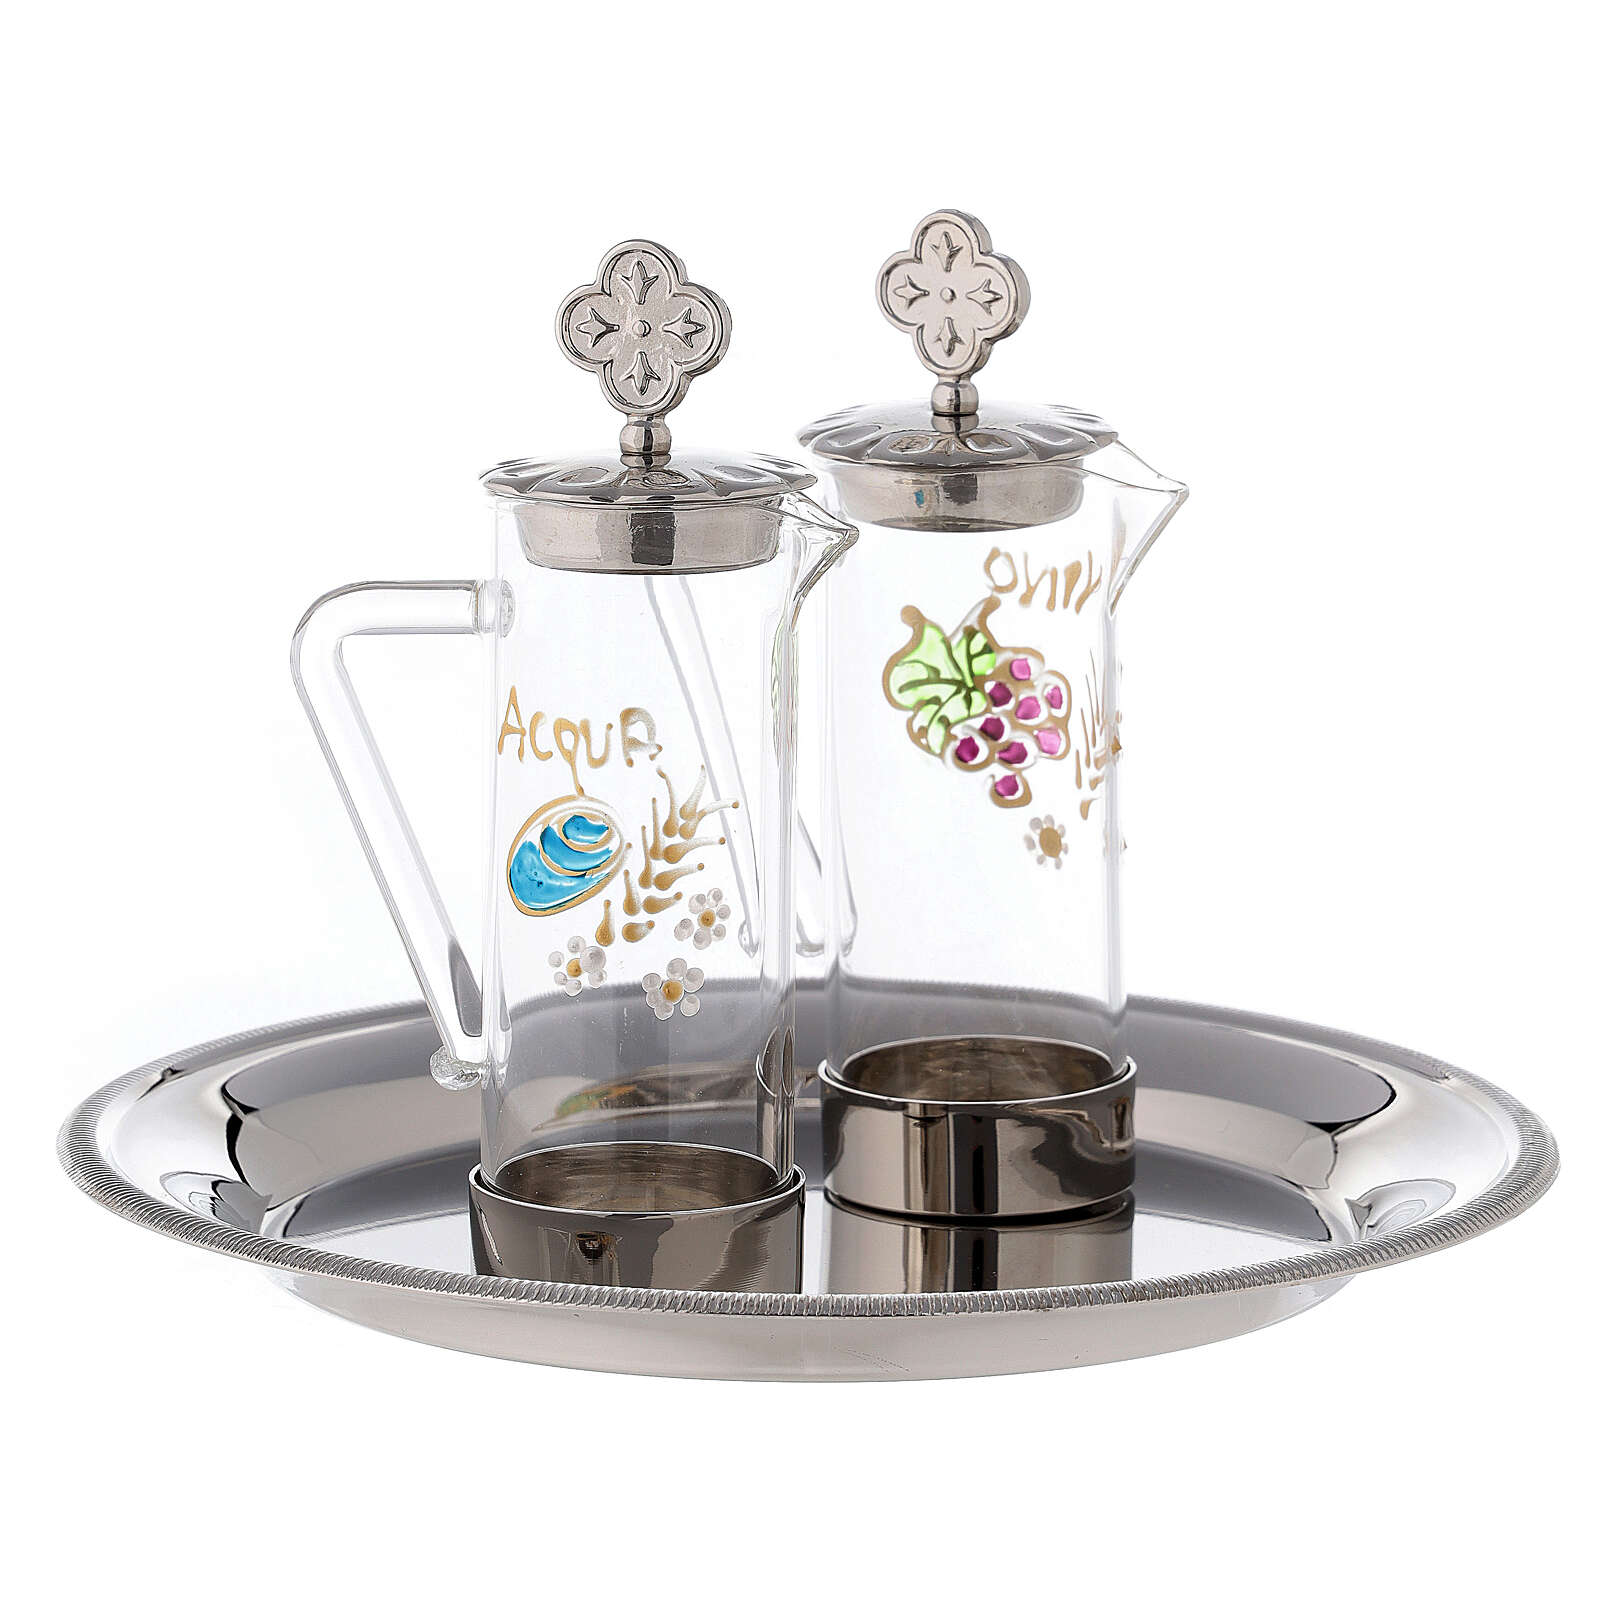 Servicio agua y vino mod Ravenna latón 24k 60 ml 4